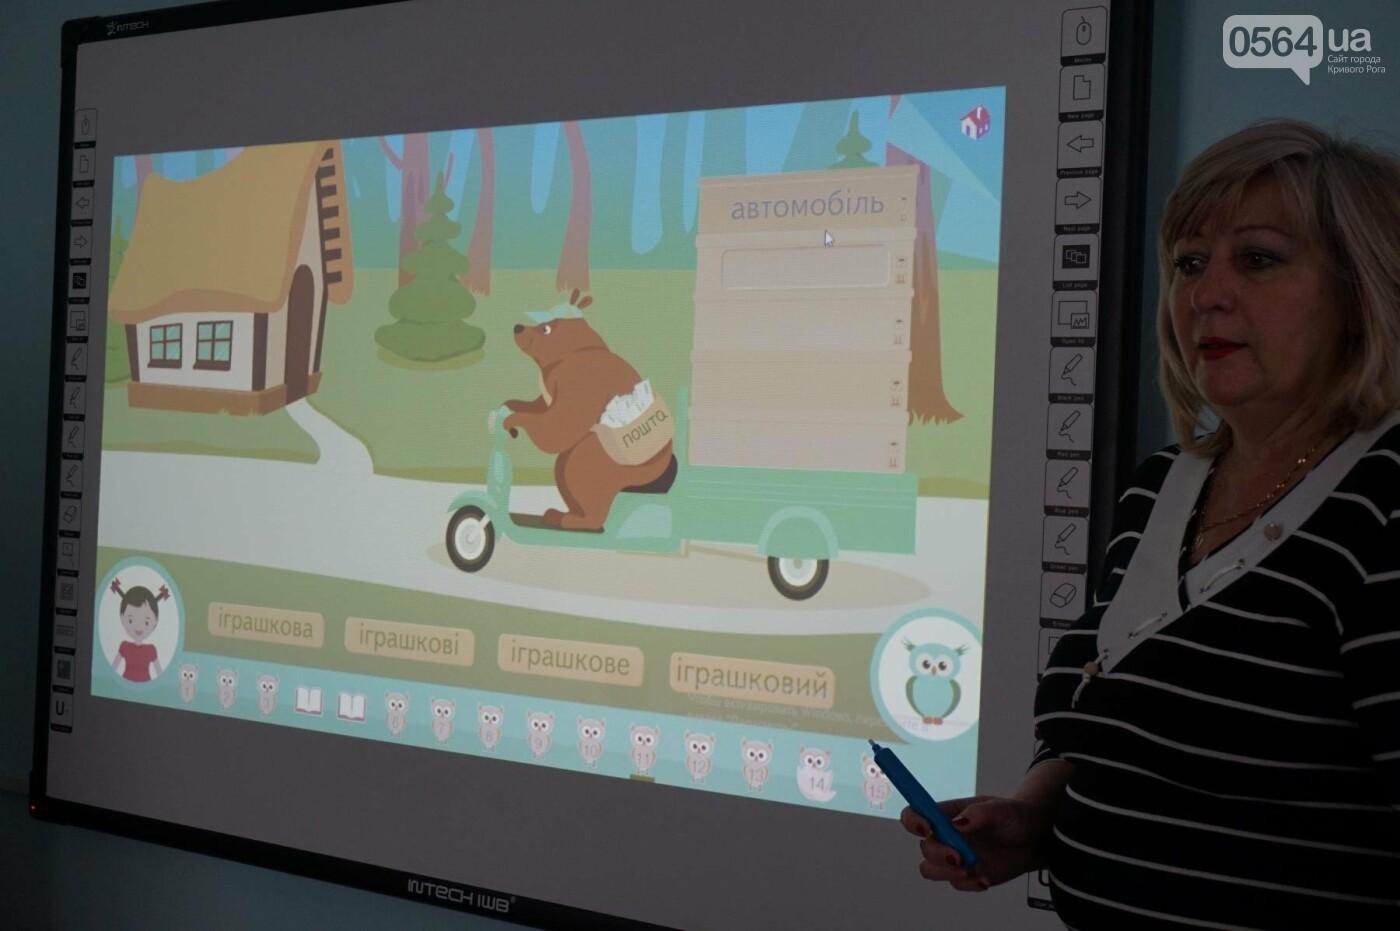 Приближаясь к Европе: Как в школах Кривого Рога внедряют инклюзию (ФОТО), фото-1